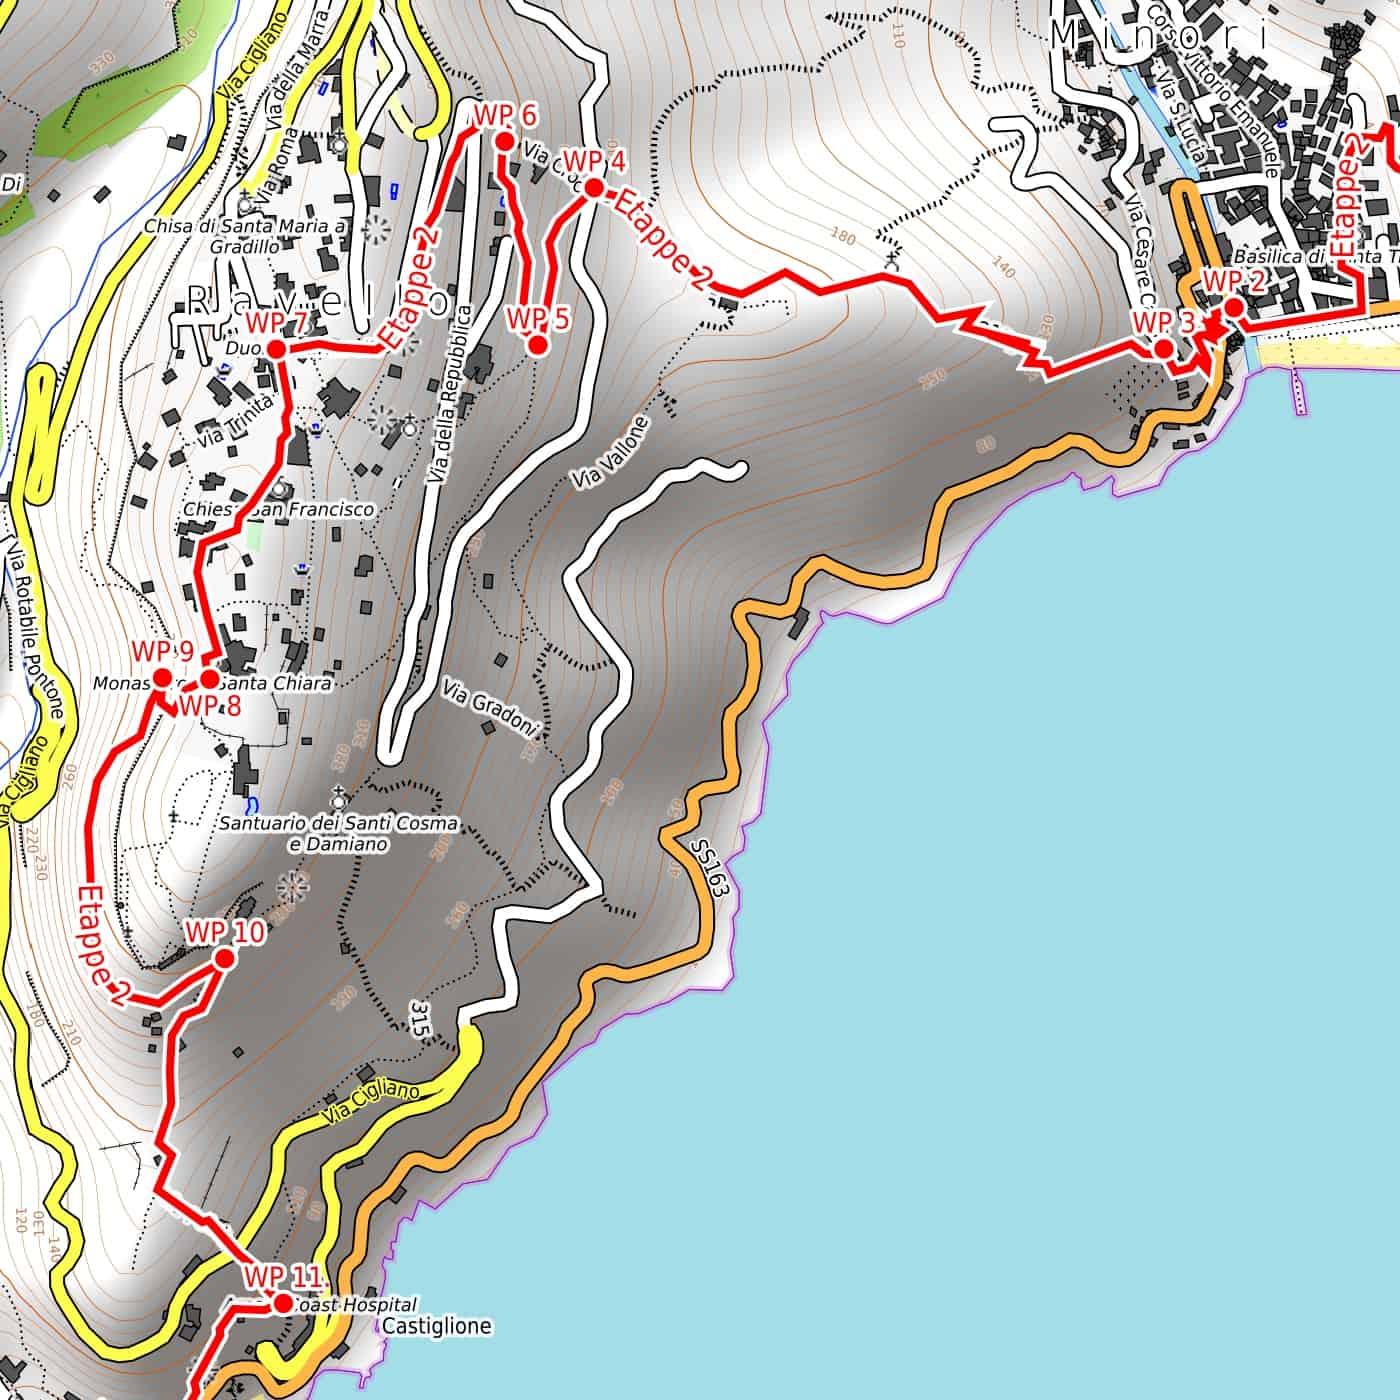 Tour Costiera Amalfitana Cartina.Costiera Amalfitana Pdf Cartina Escursionistica Da Scaricare 1 15 000 Wanderndeluxe